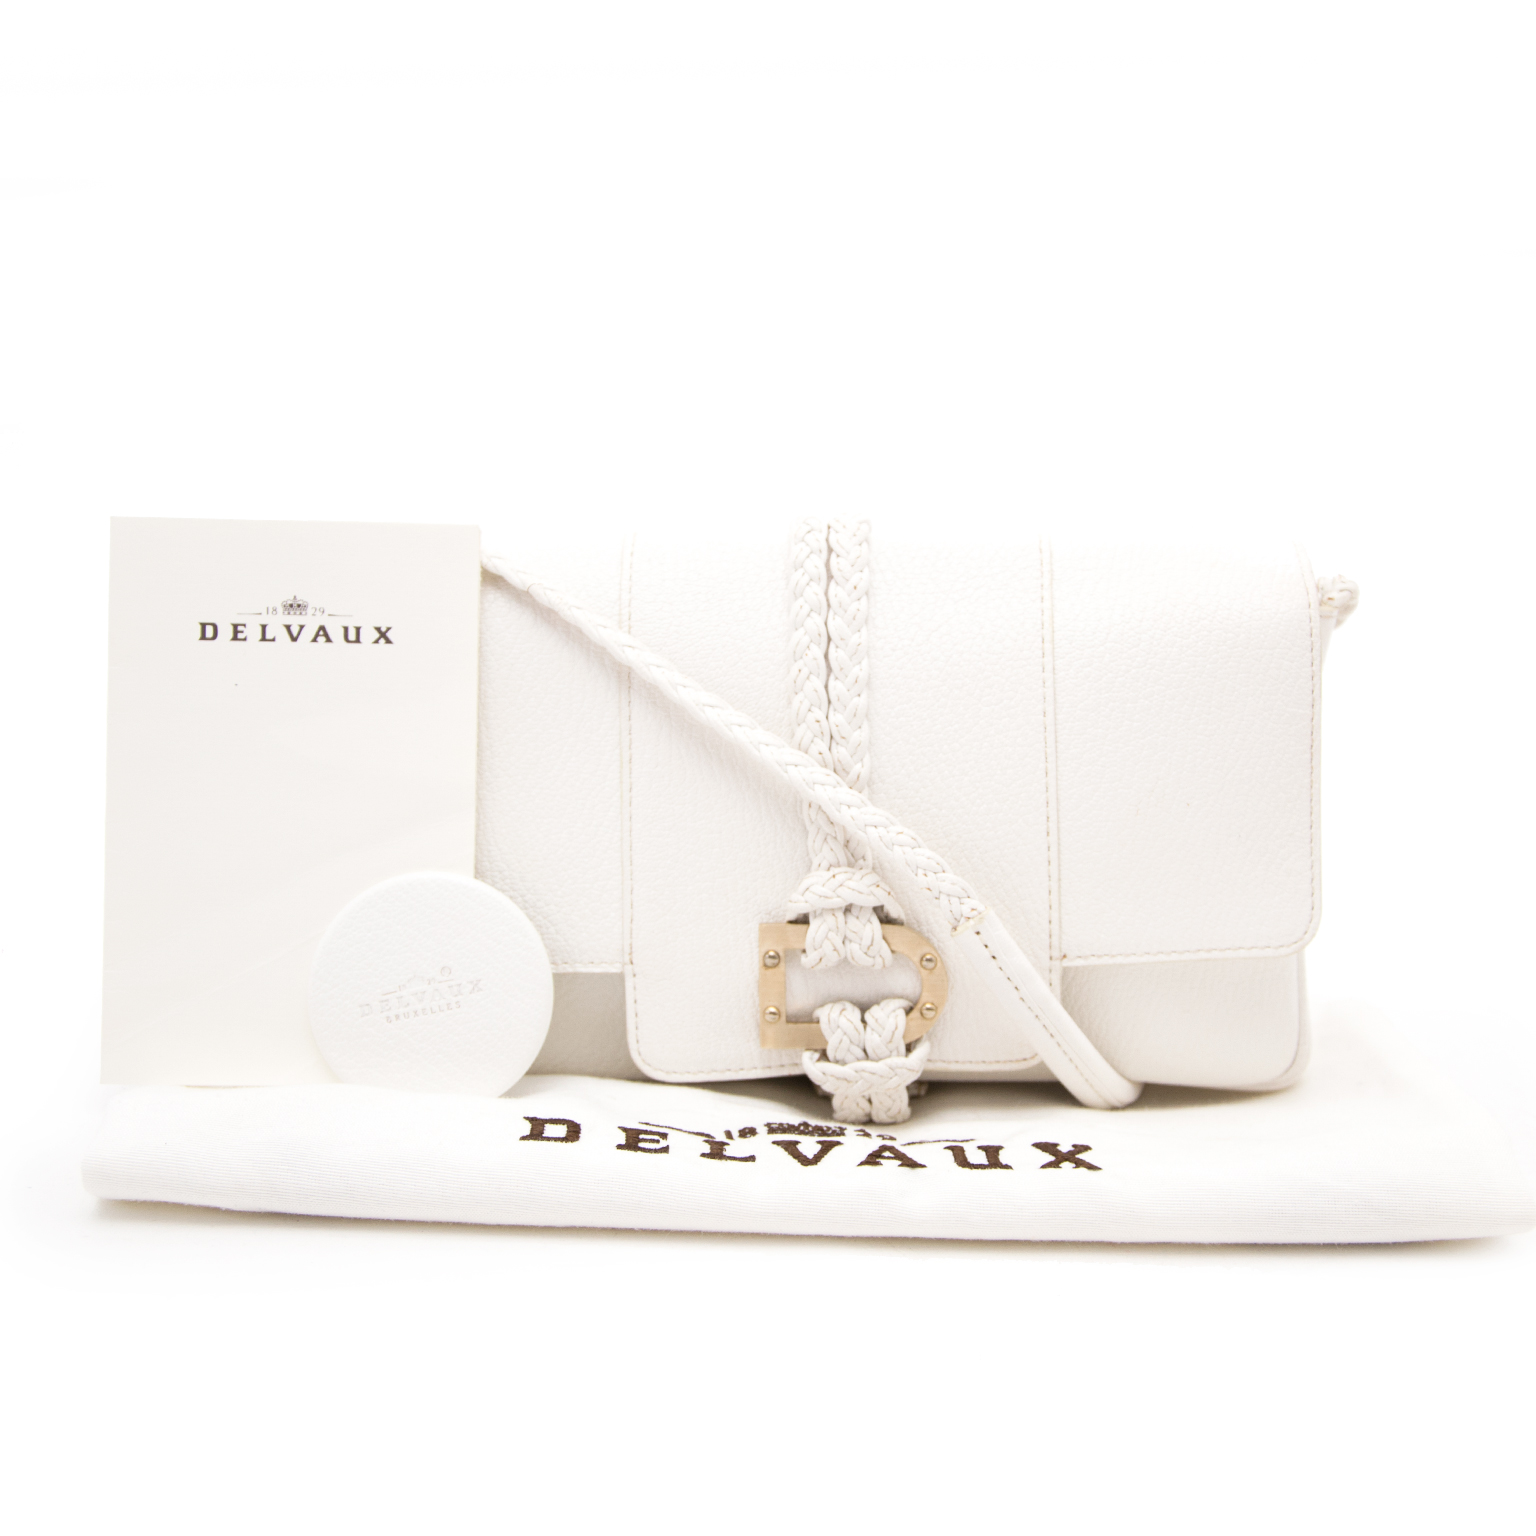 koop online aan de beste prijs Delvaux White Colette Tresse PM